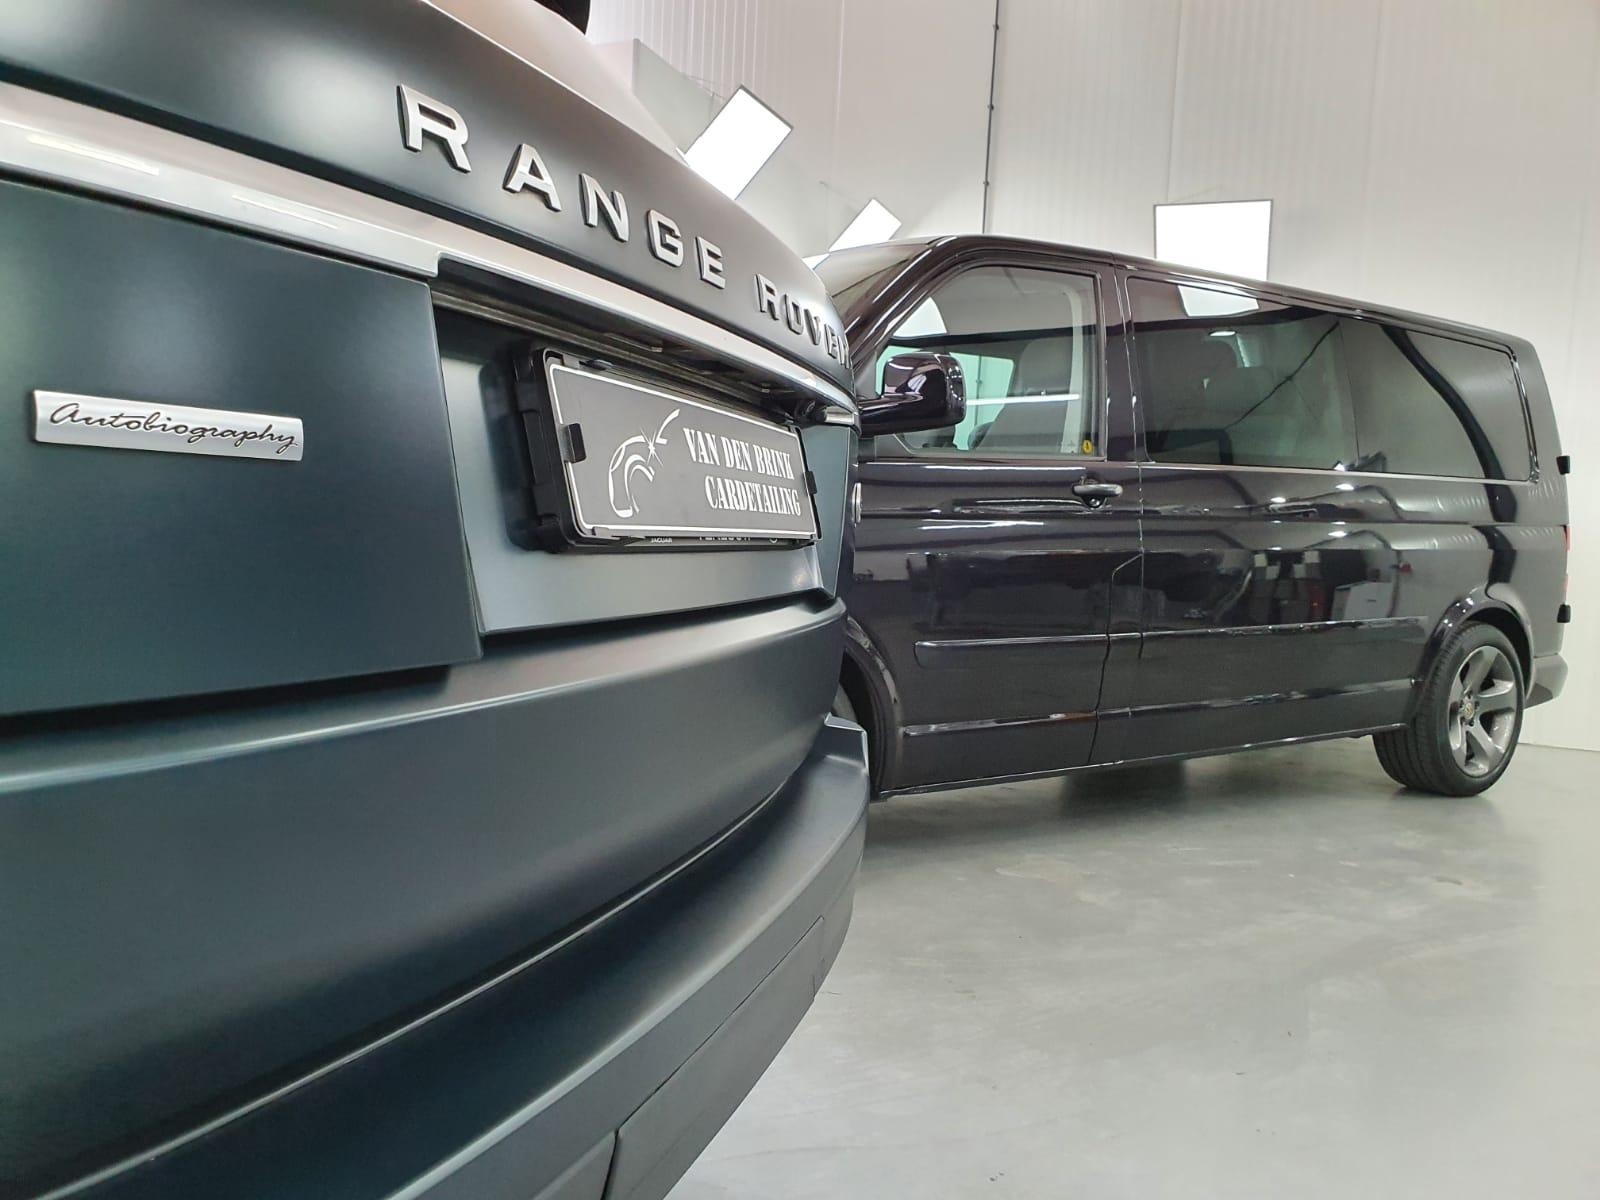 Range Rover Van den Brink